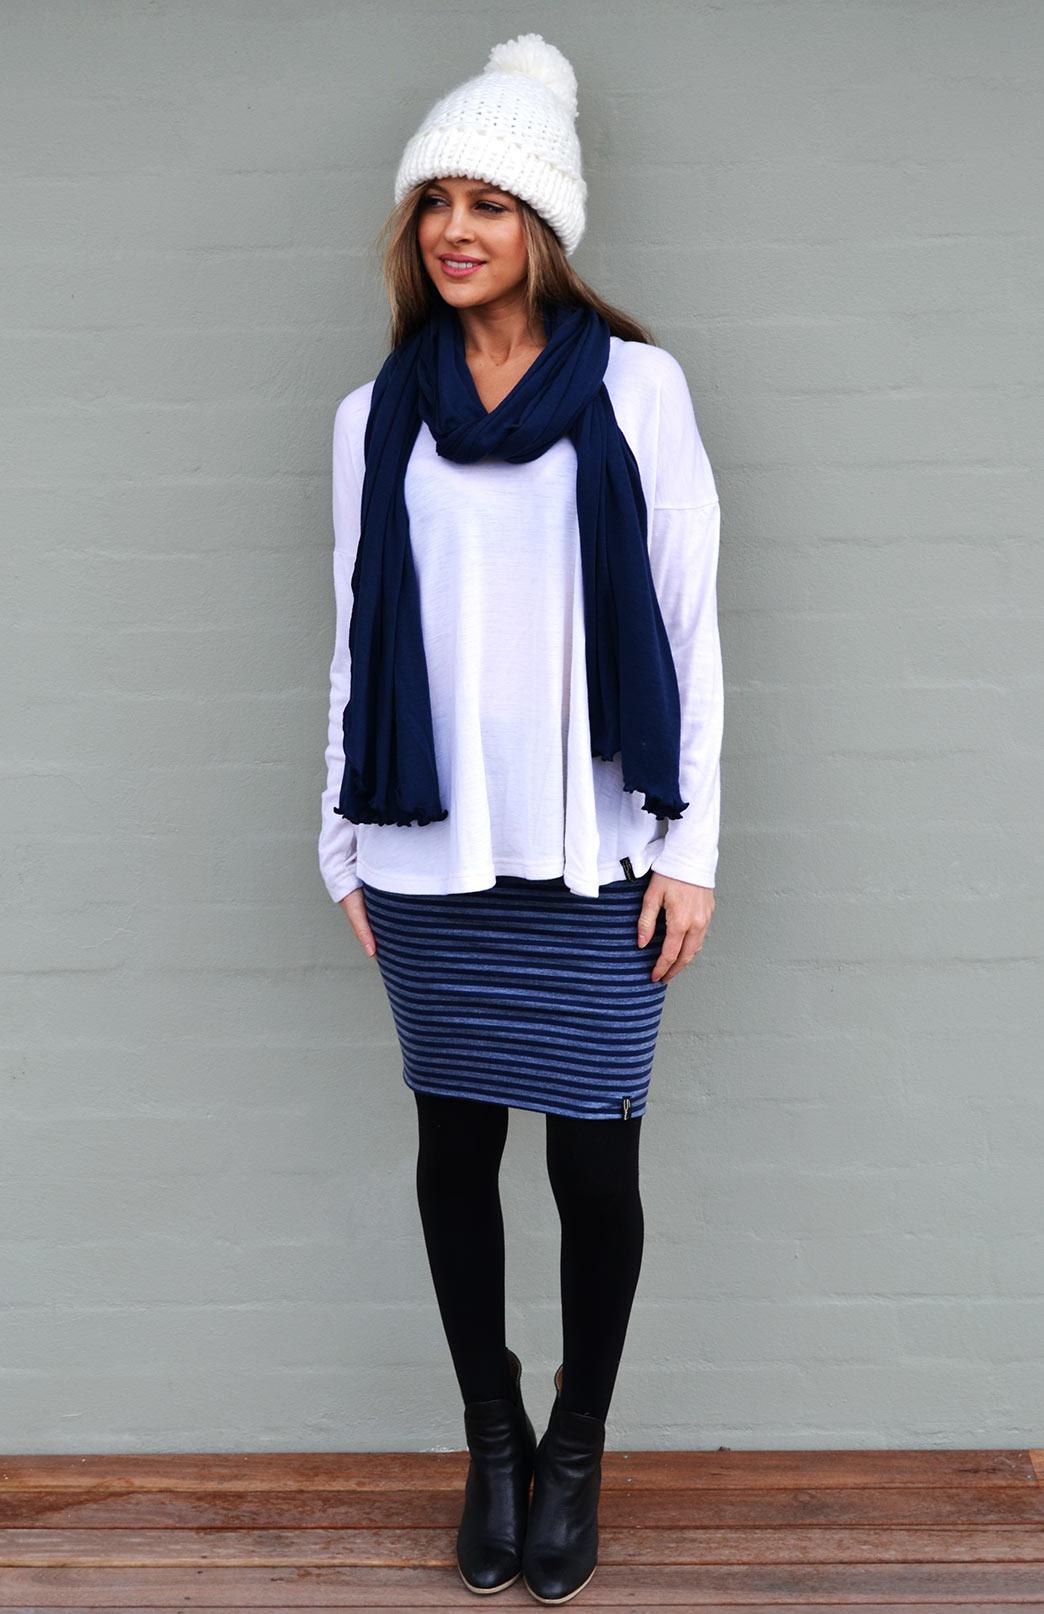 Short Tube Skirt - Striped - Women's Short Wool Mini Skirt - Smitten Merino Tasmania Australia